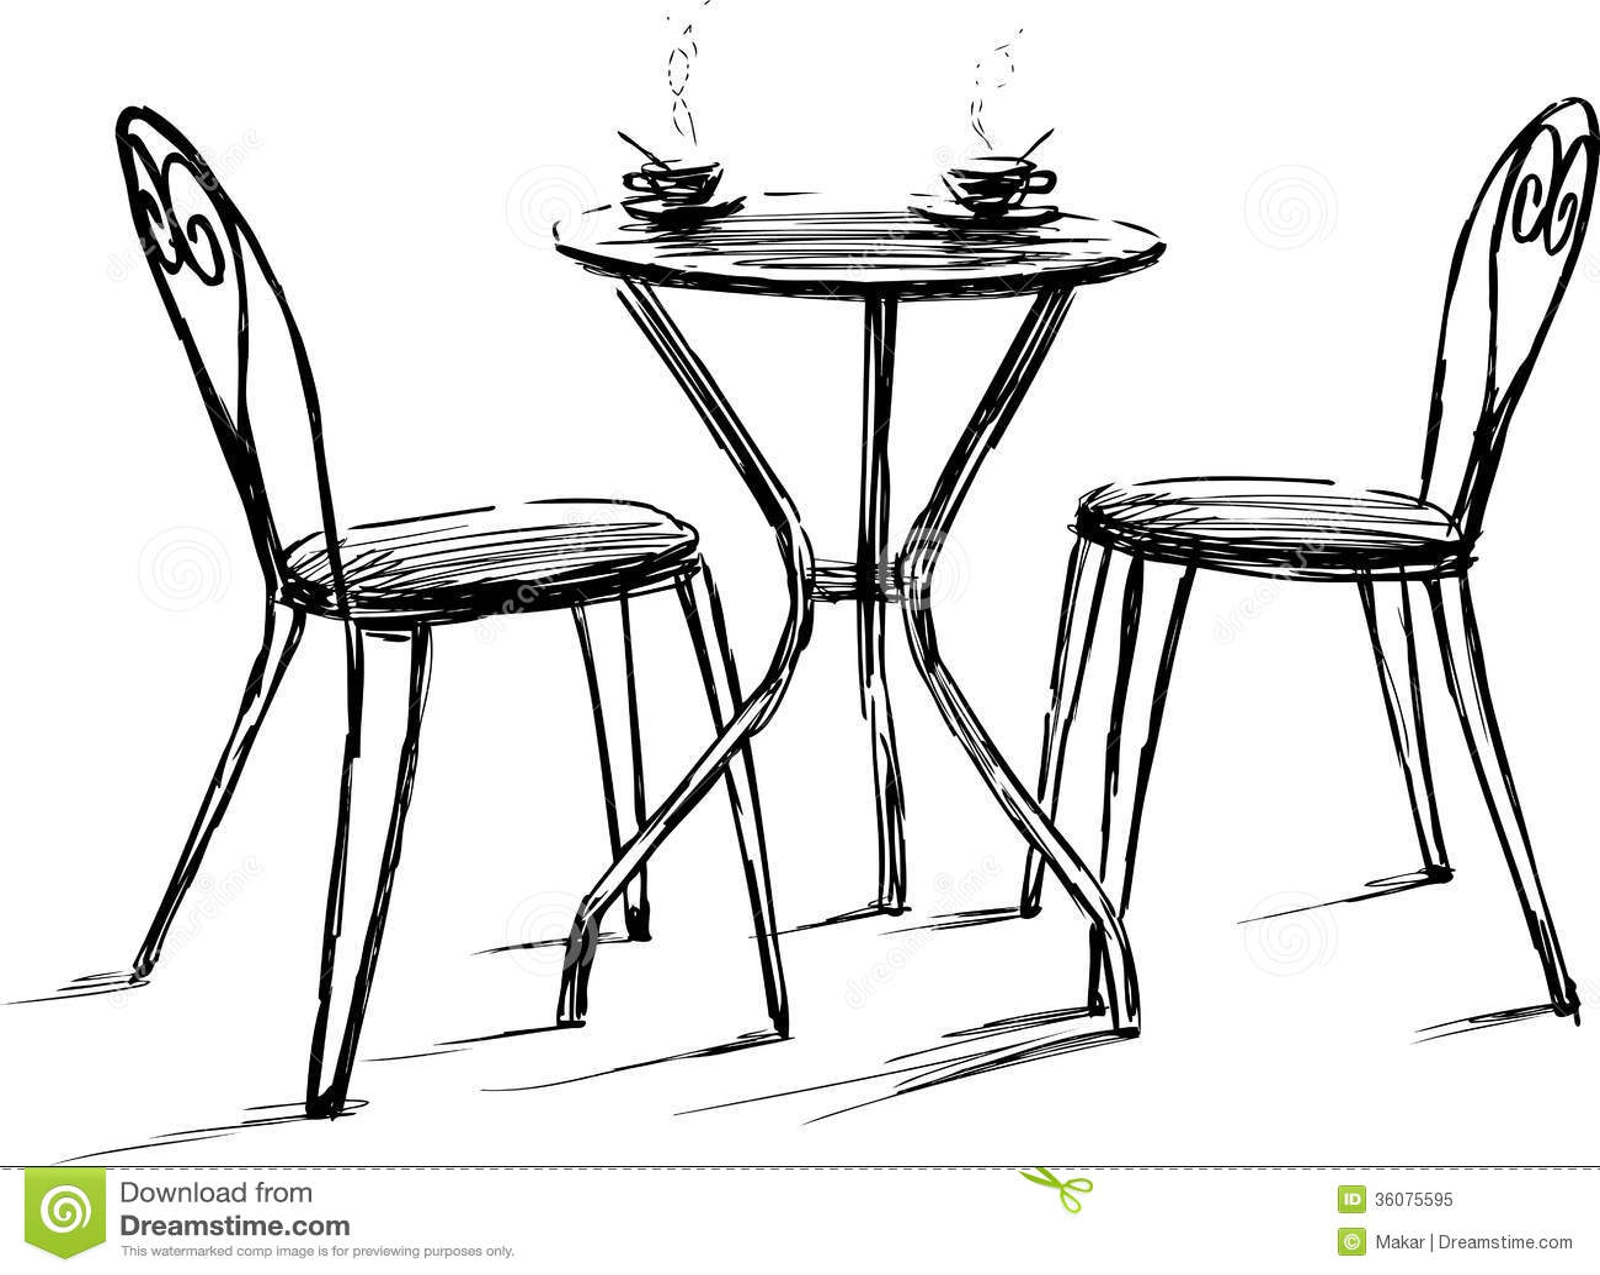 Meubles en caf d 39 t photo libre de droits image 36075595 for Table 3d dessin